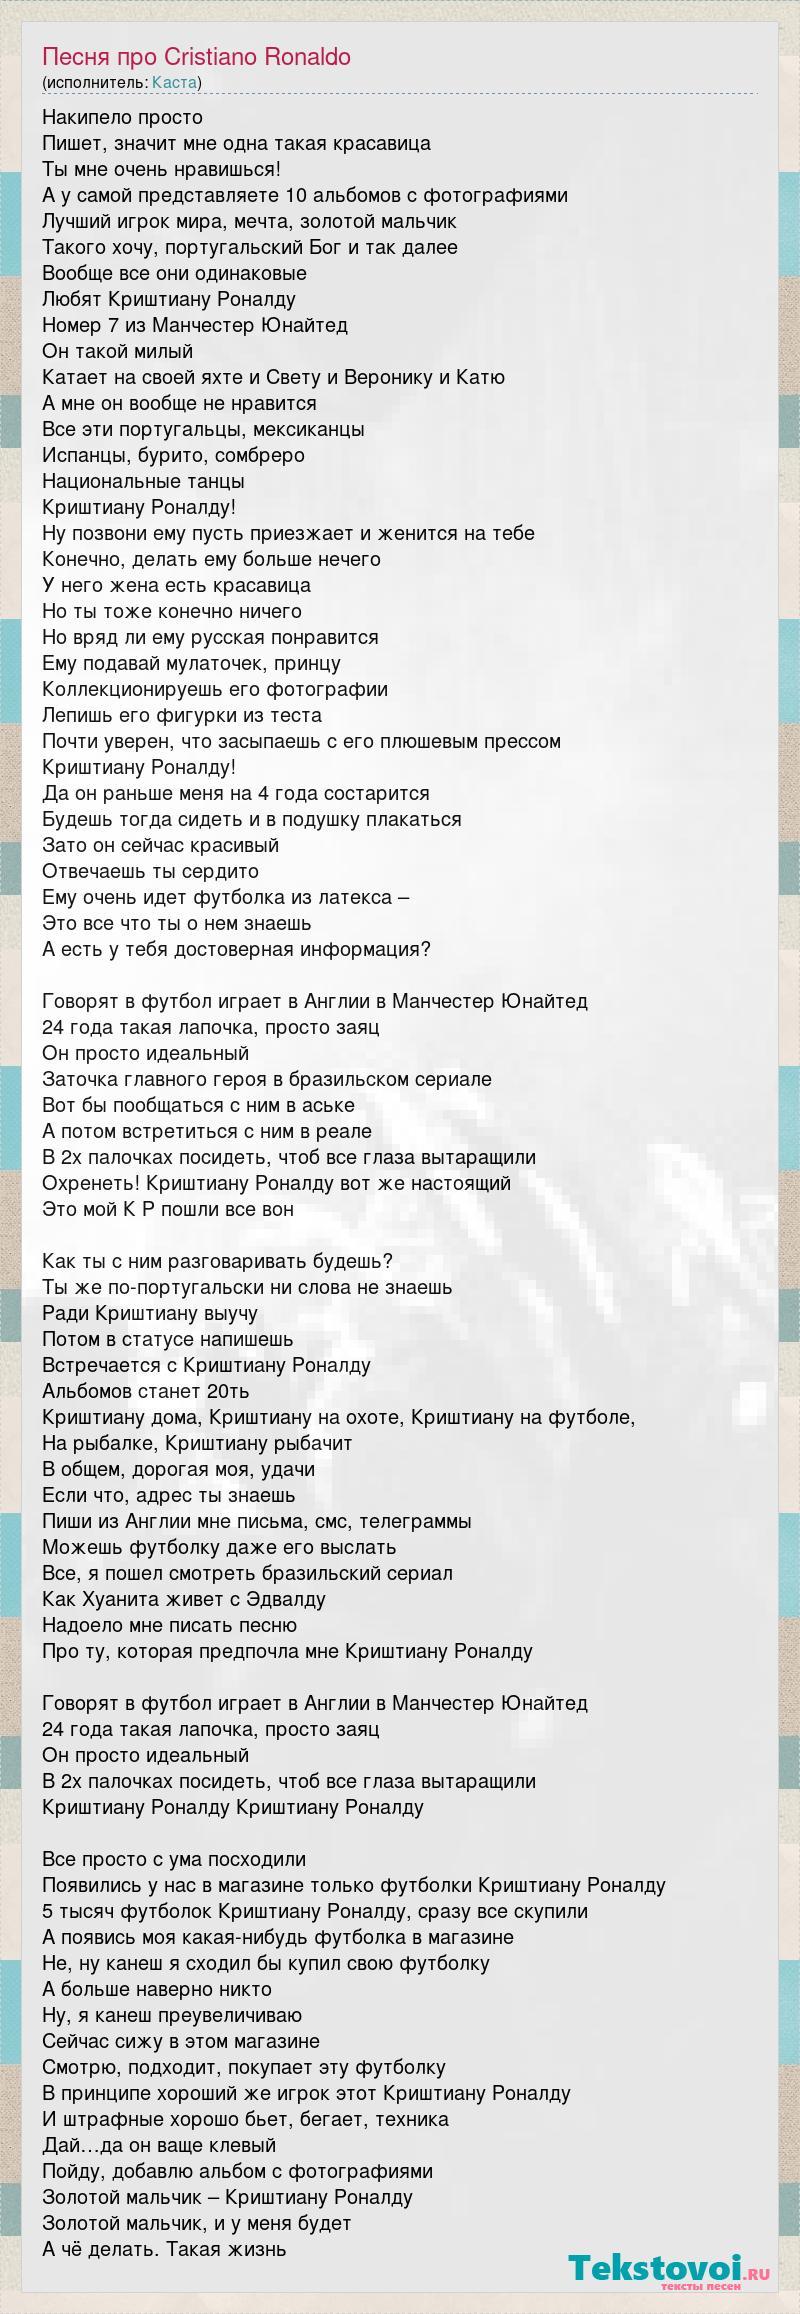 Текст песен манчестер юнайтед